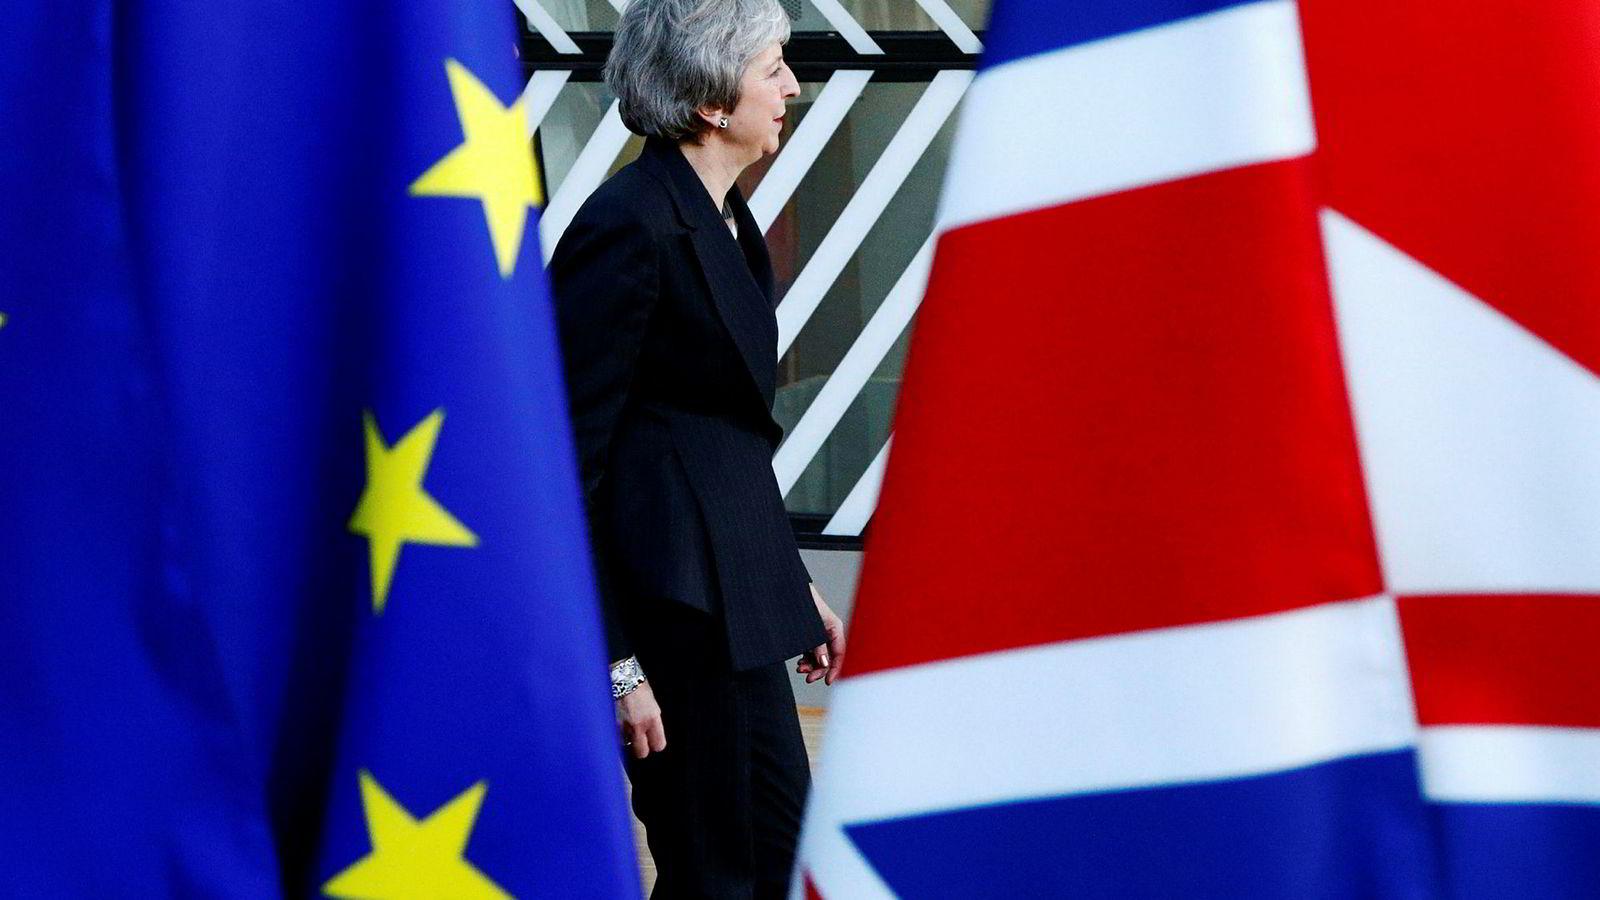 Storbritannias statsminister Theresa May benyttet sin nyttårstale til å oppfordre britiske parlamentarikere til å støtte brexit-avtalen hun forhandlet frem med EU.